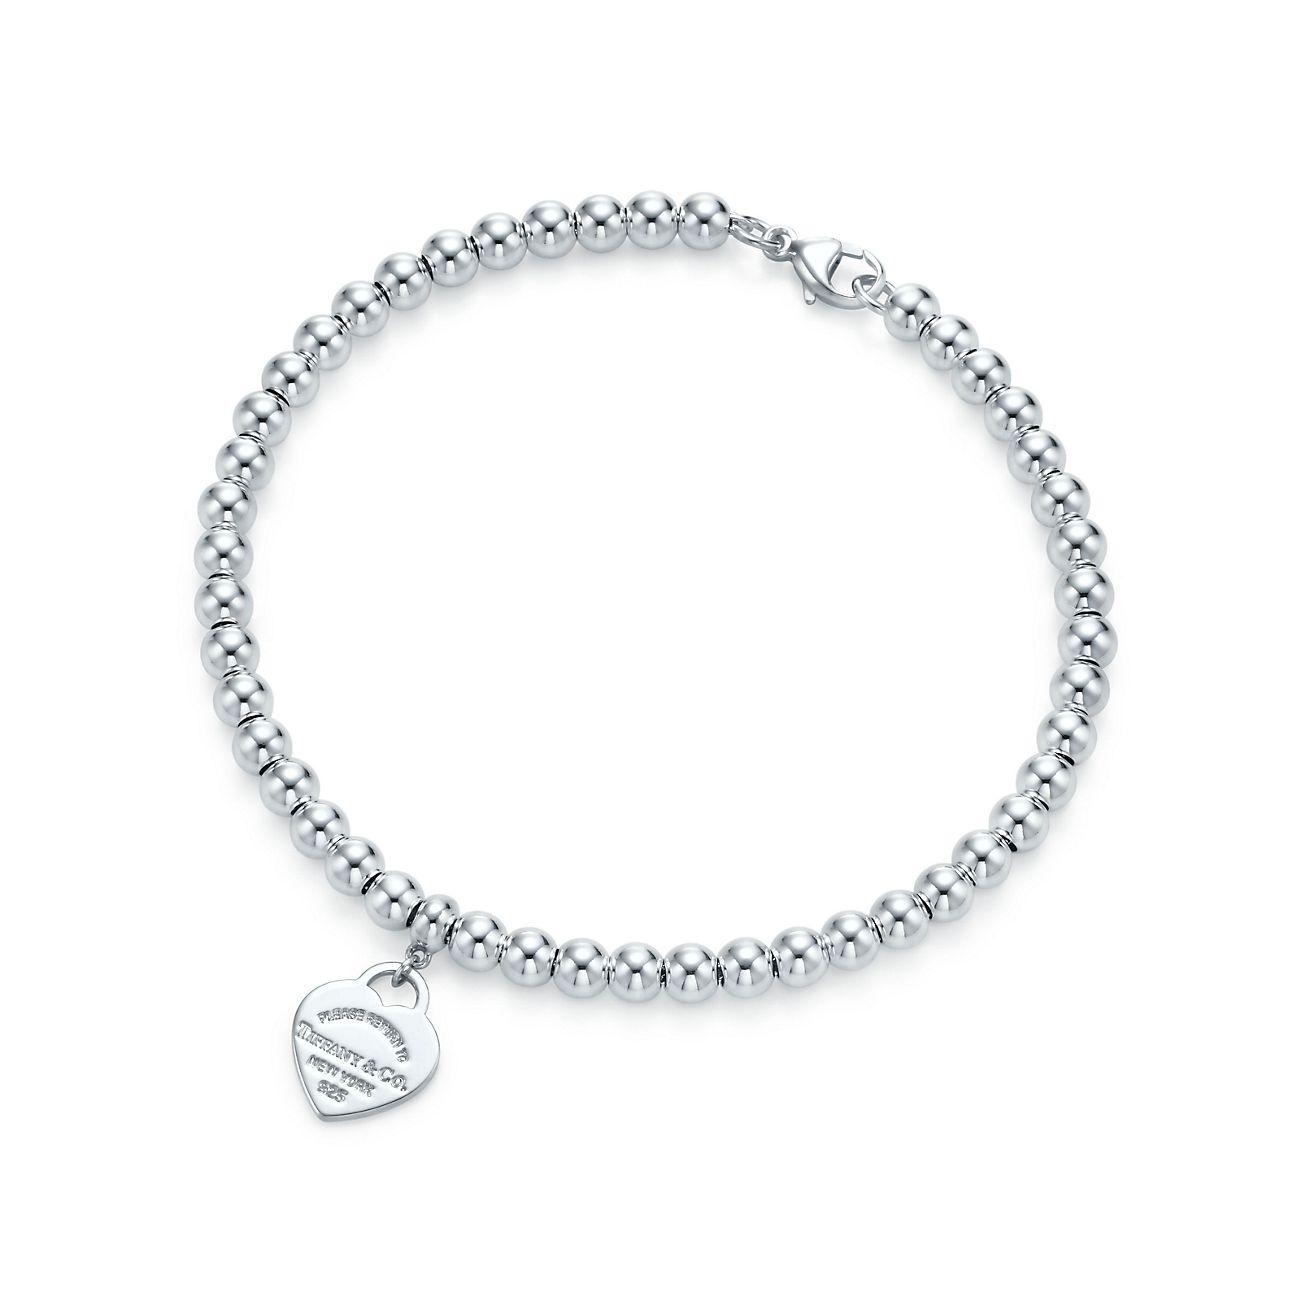 68aedfb3d5f Berloque de coração mini em prata de lei em uma pulseira de contas ...